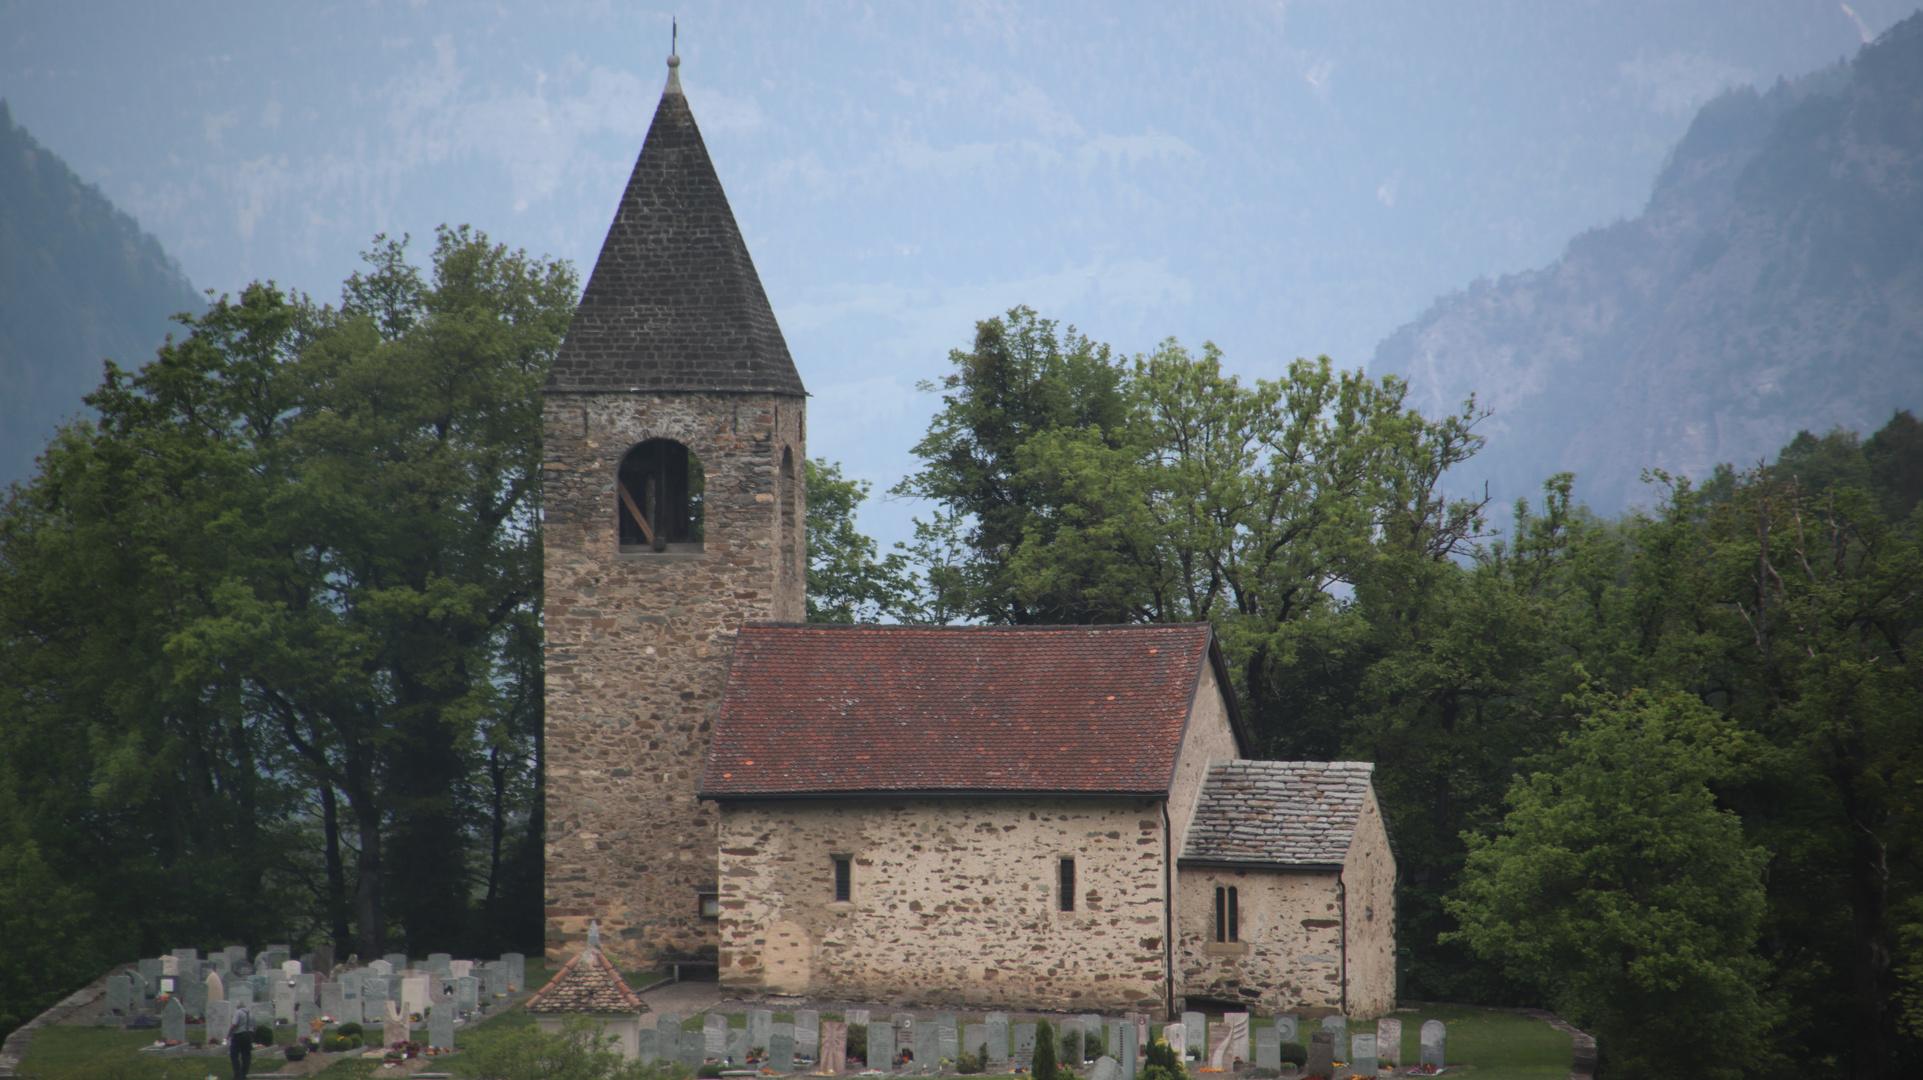 Auch die Kirche St.Cassian konnte ich aus dem fahrenden Zug aufnehmen